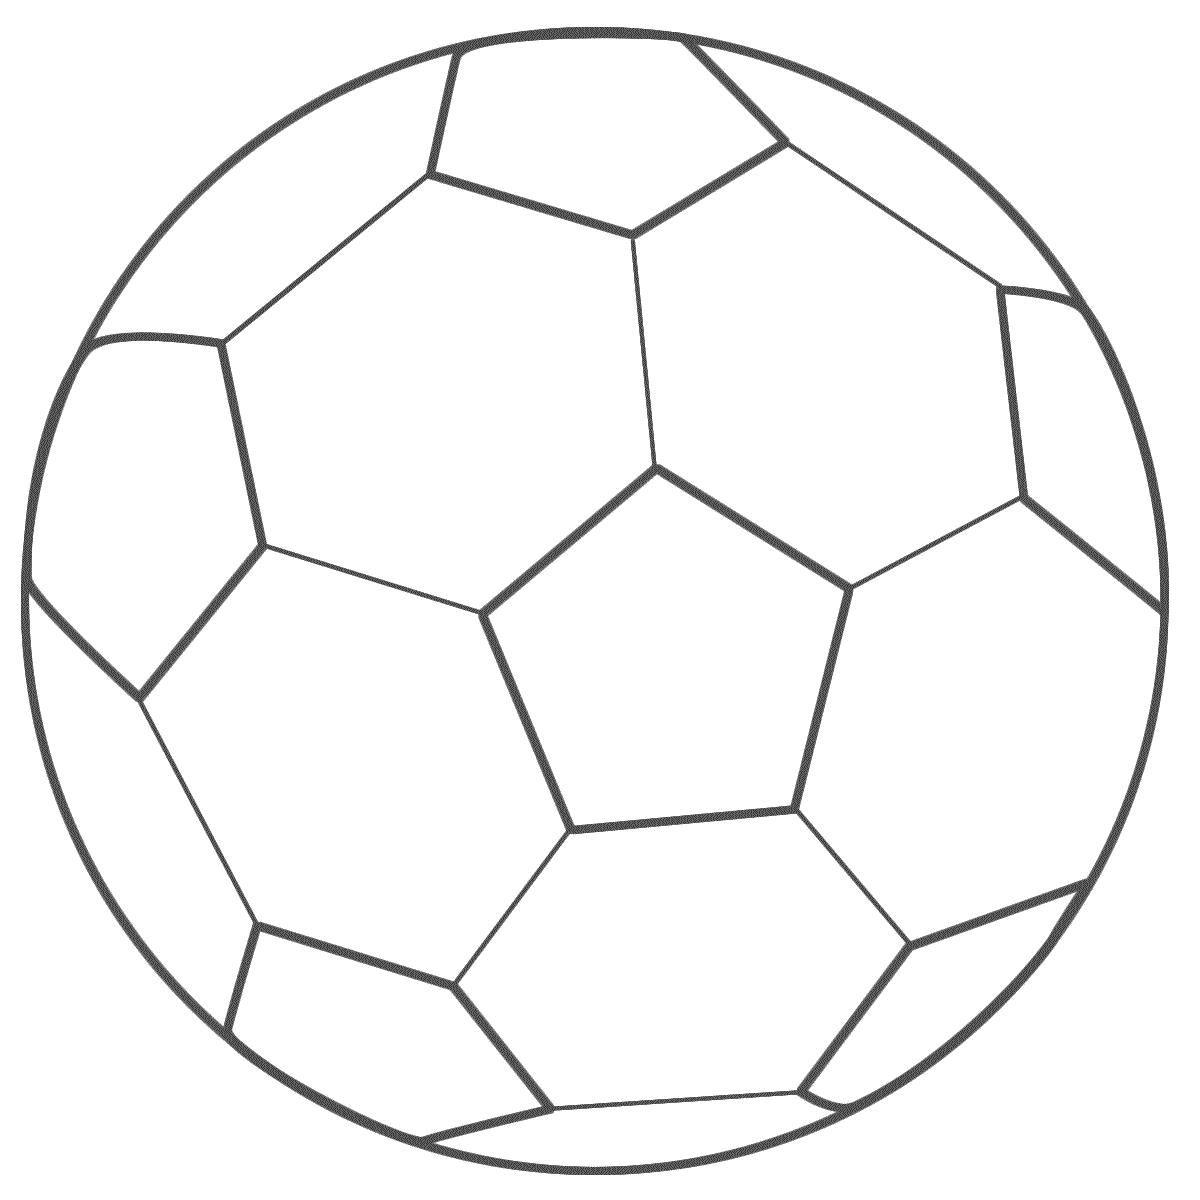 Soccerball Coloring Pages Dibujos De Balones Pelota De Futbol